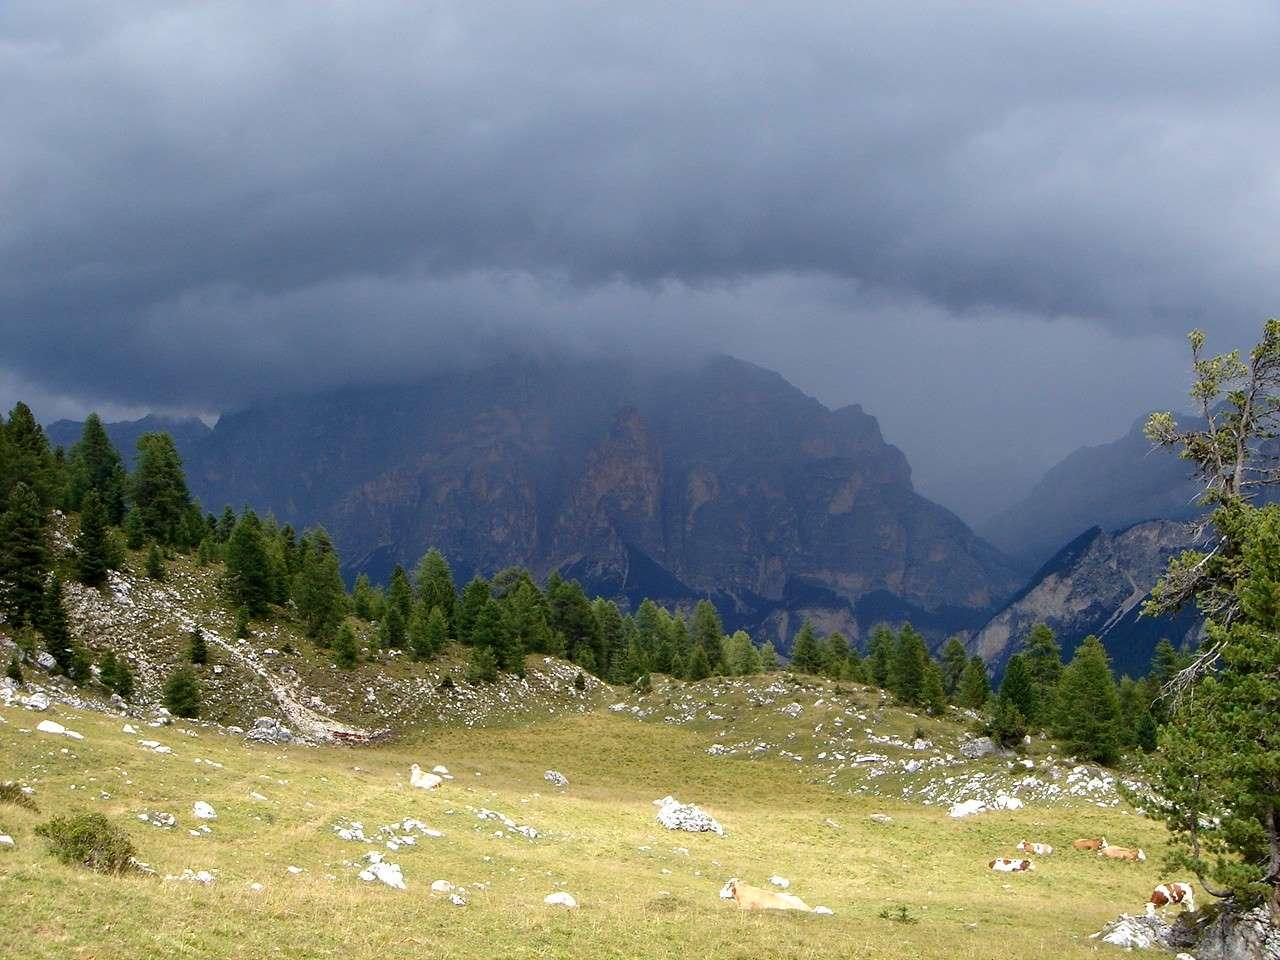 Foto: Manfred Karl / Wandertour / Settsass (2571m) / Gewitter über Lavarella und Cunturines. / 05.05.2007 18:52:08